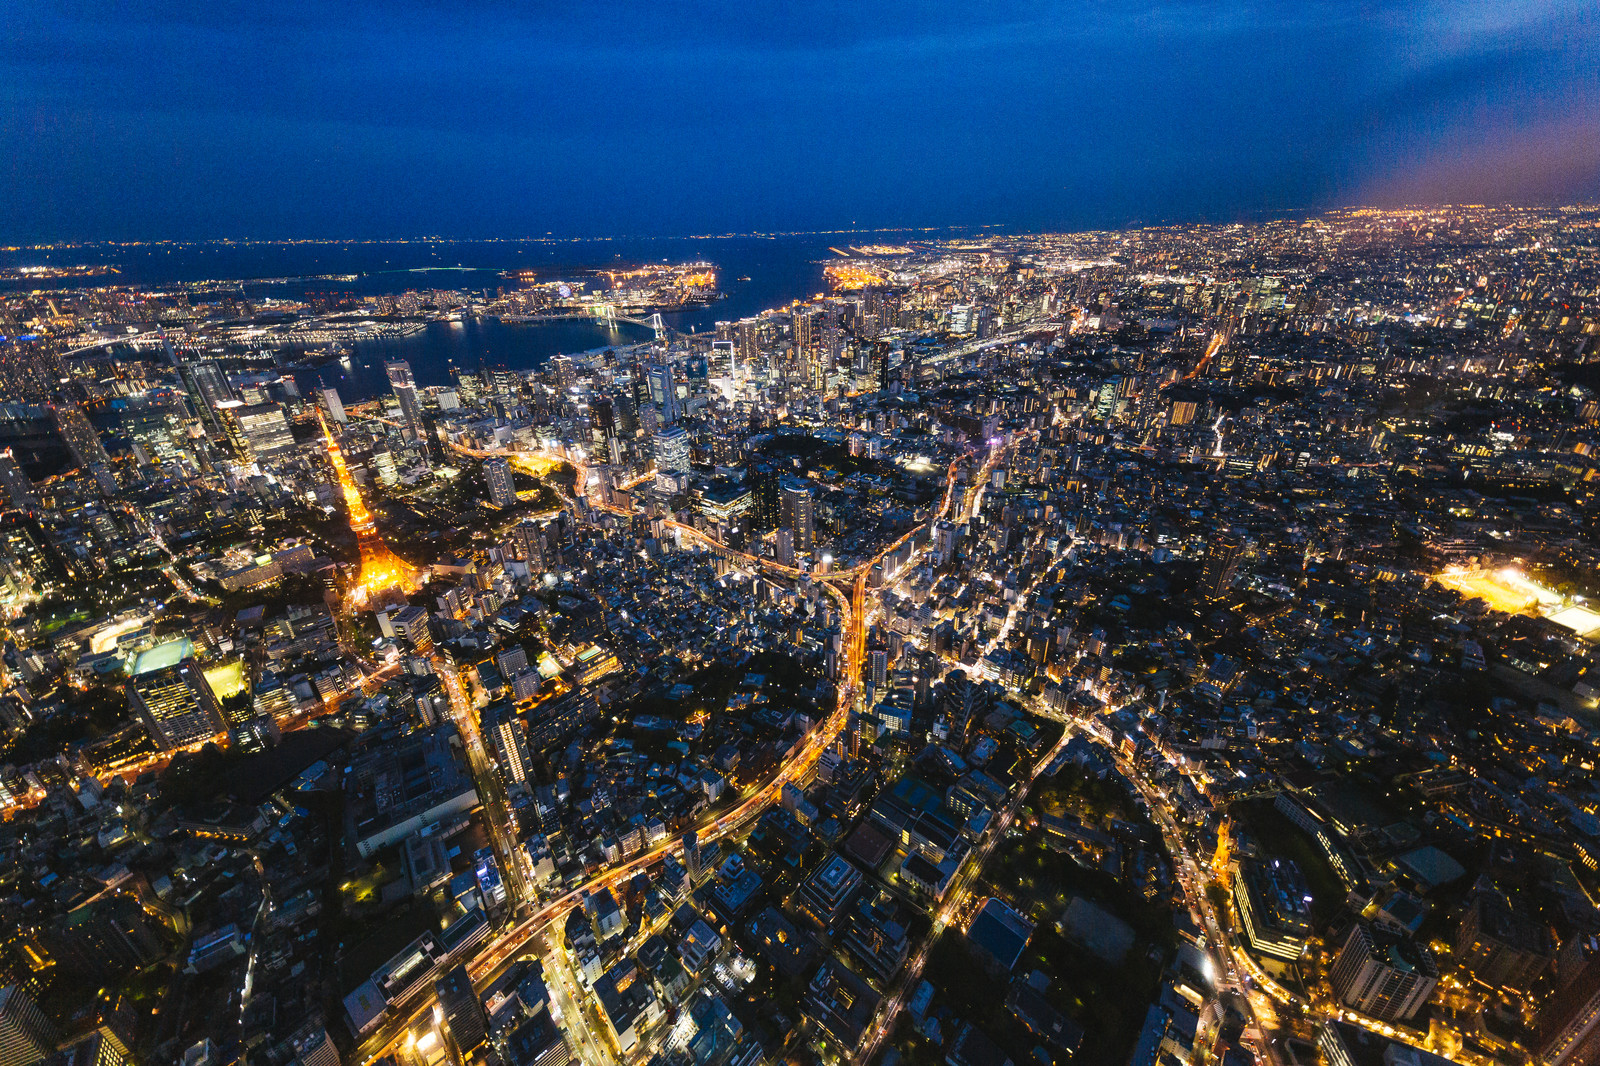 「東京タワー上空と都市景観(夜景) | 写真の無料素材・フリー素材 - ぱくたそ」の写真